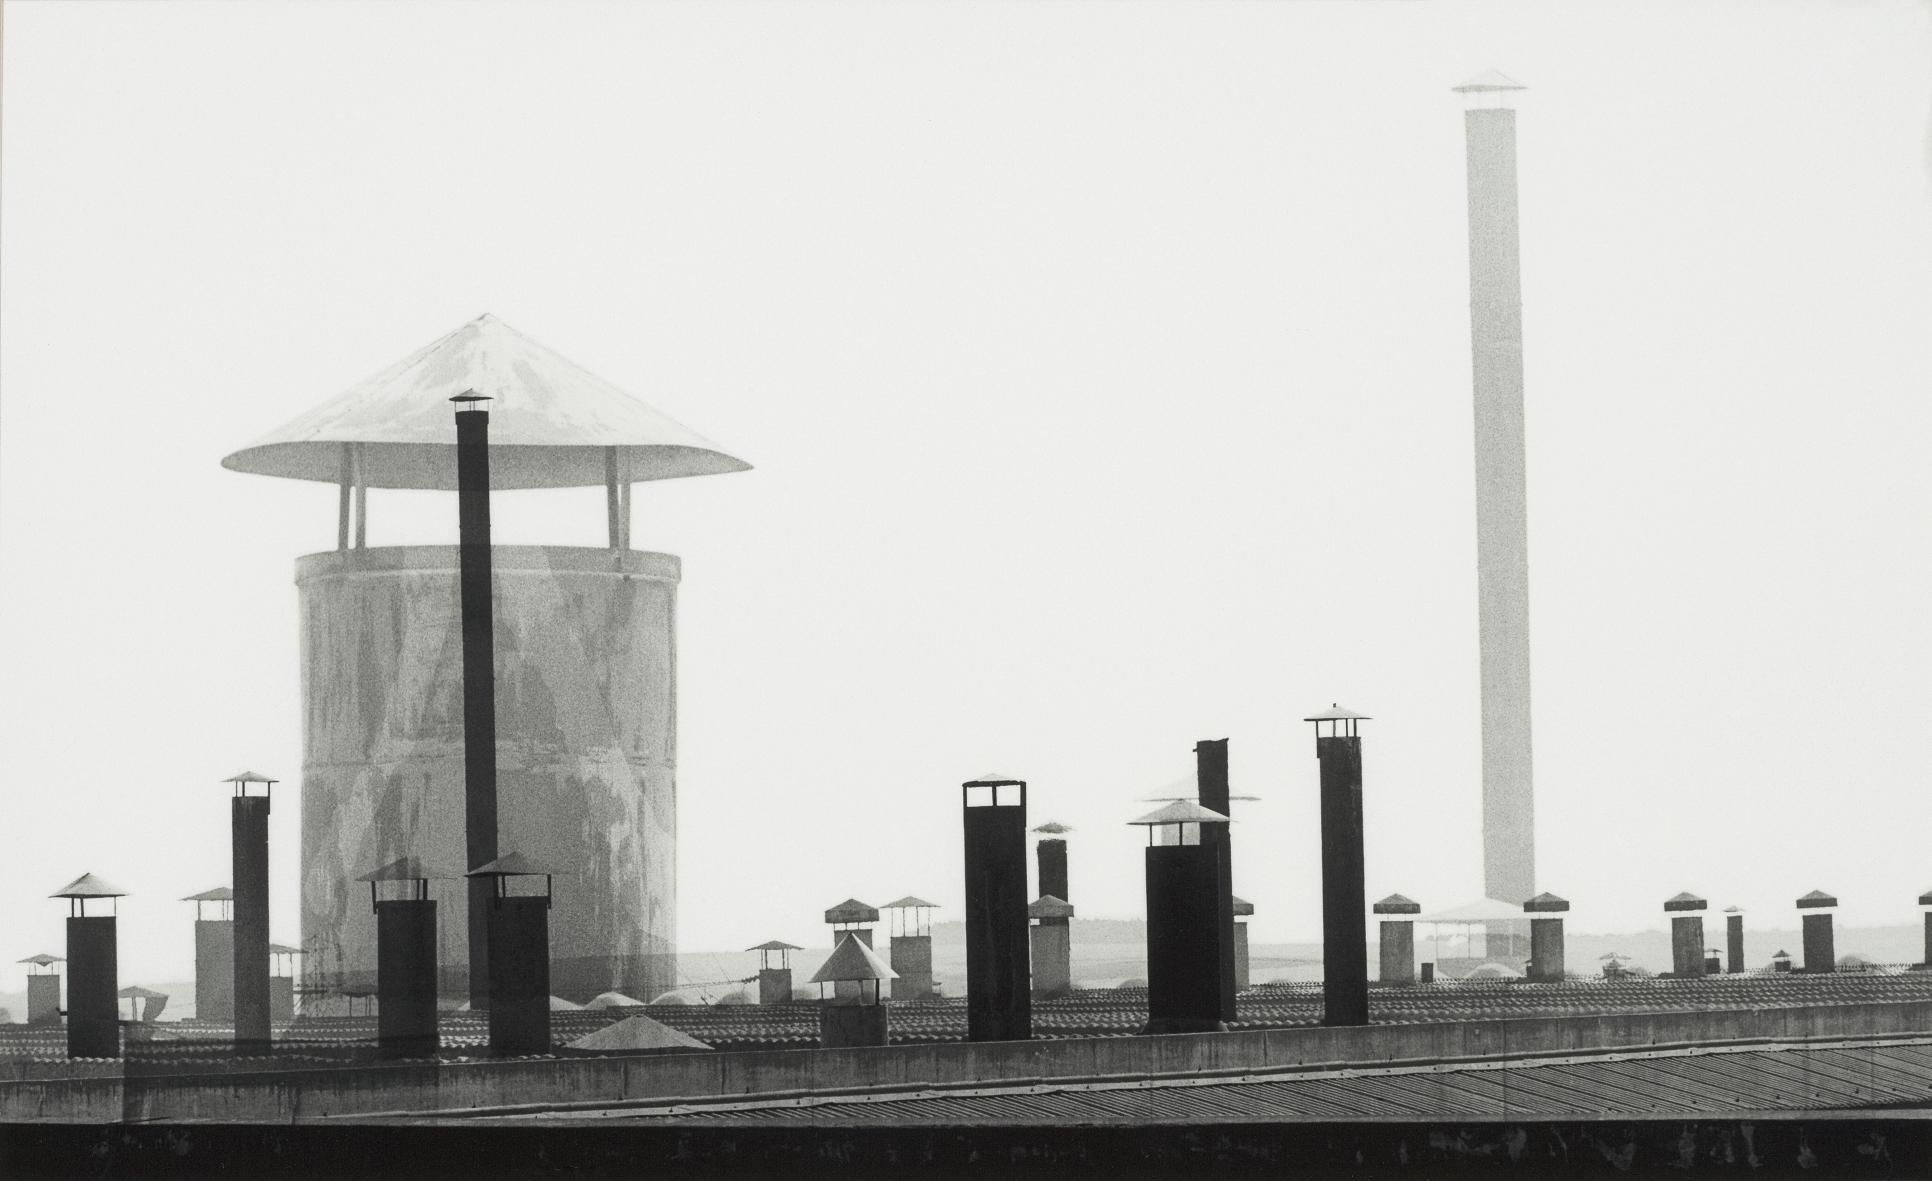 Paulo Pires, Sinfonia Industrial